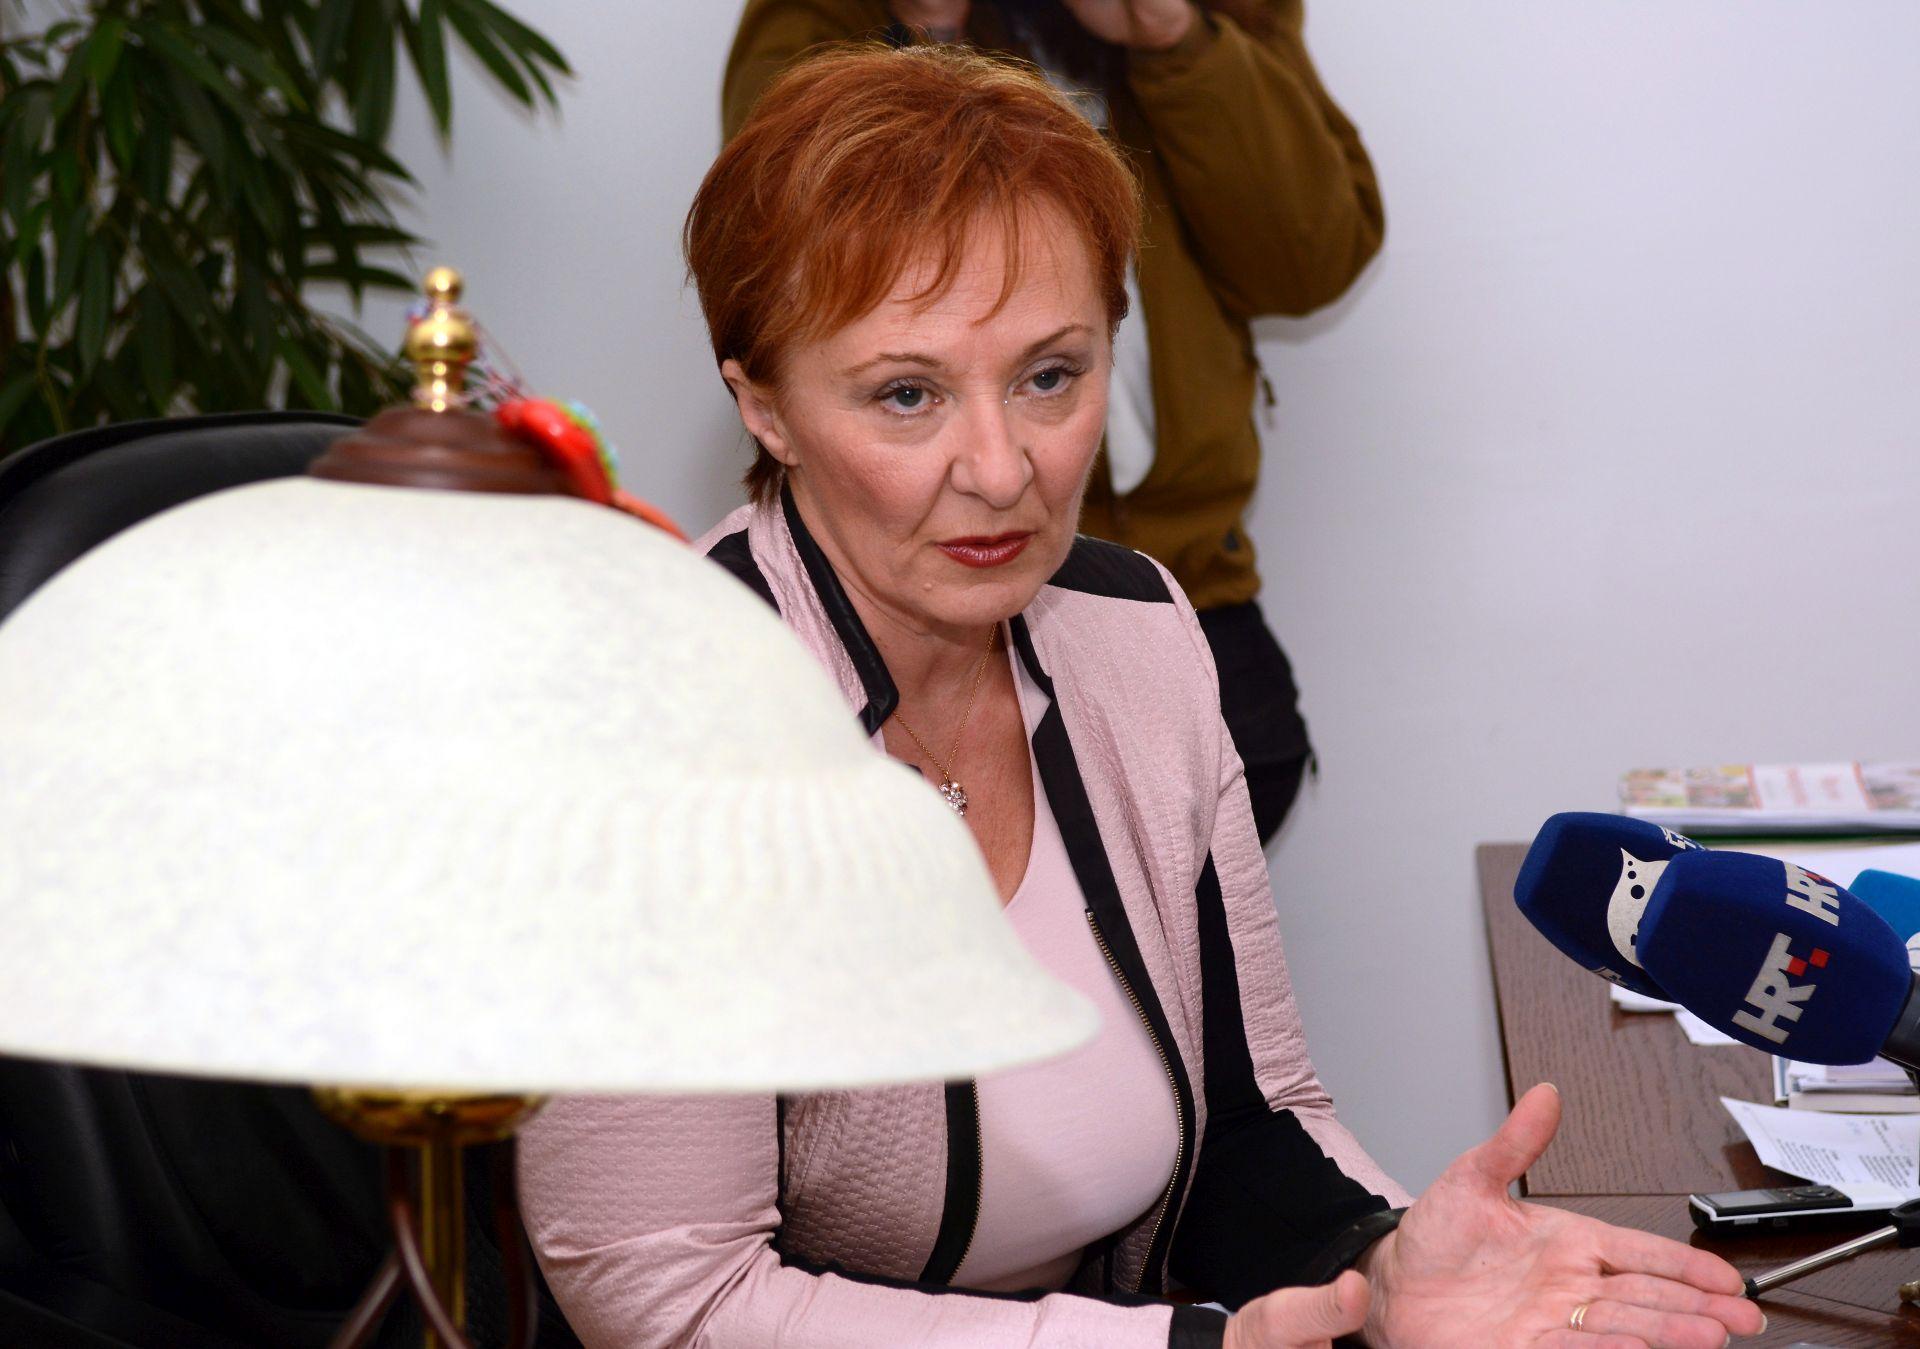 SUKOB INTERESA: Karlovačka dogradonačelnica neće dati ostavku zbog odluke Povjerenstva